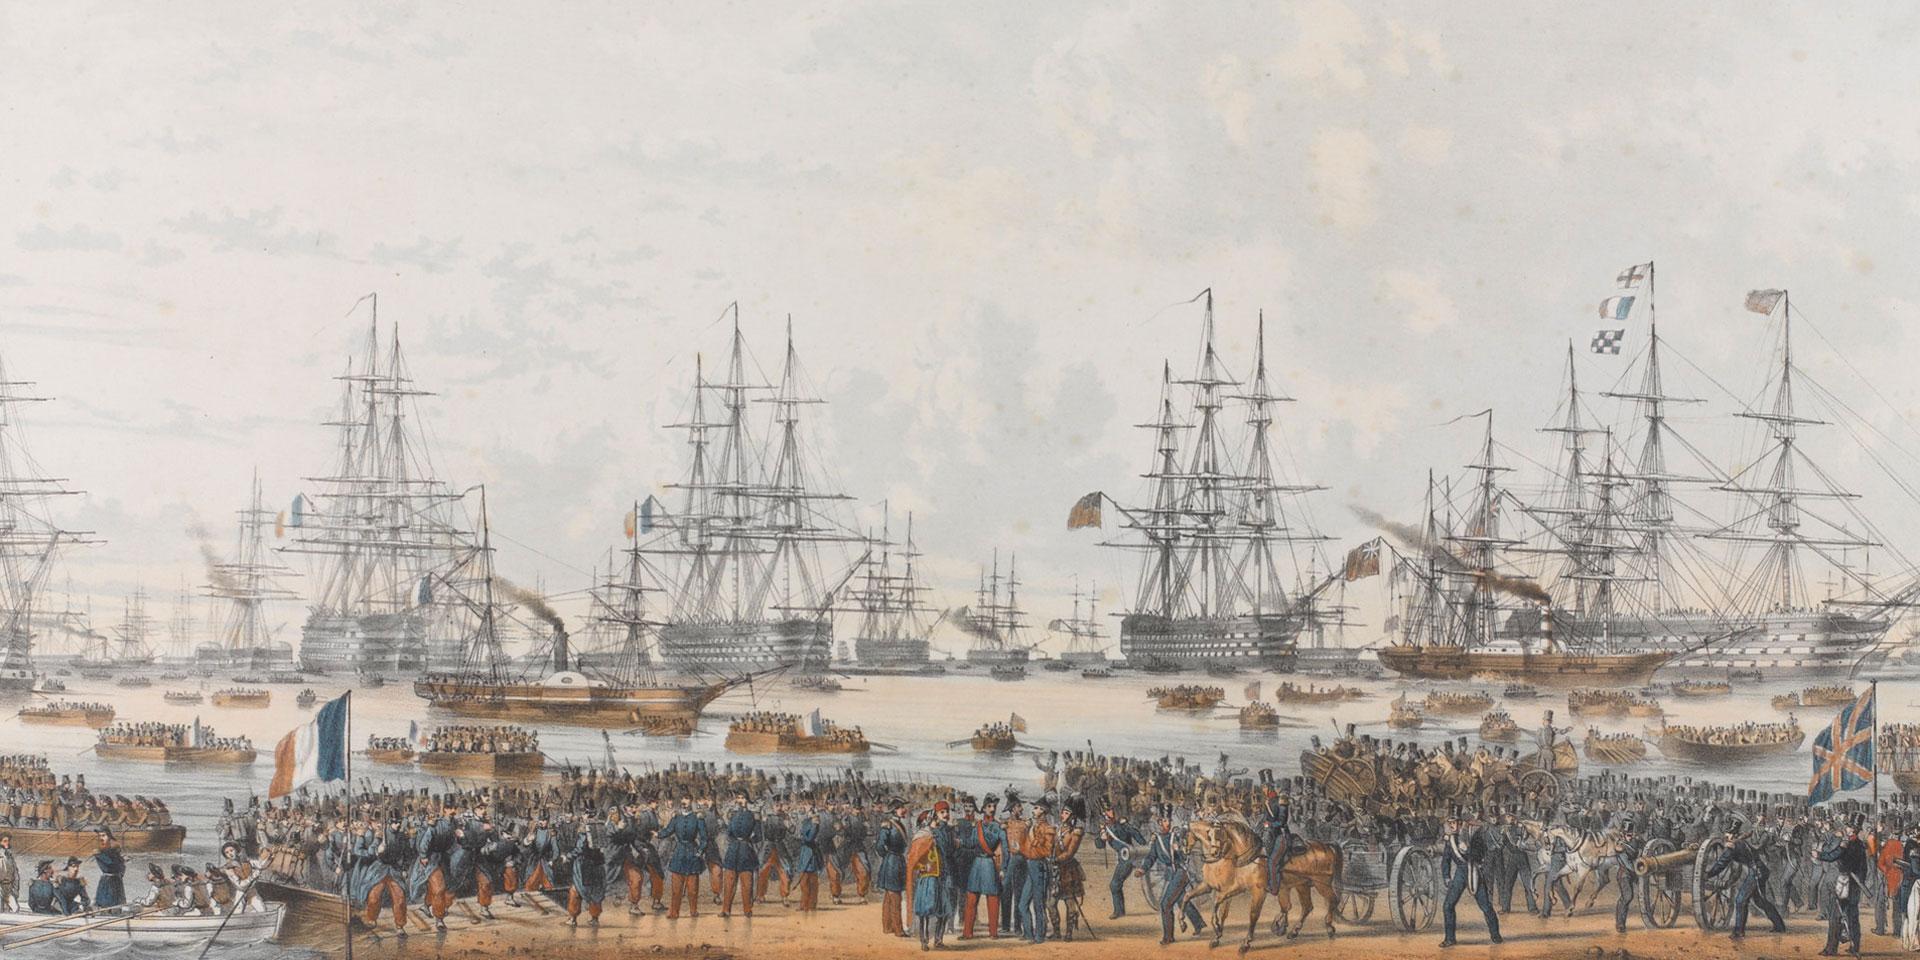 The Allied landing in the Crimea, September 1854